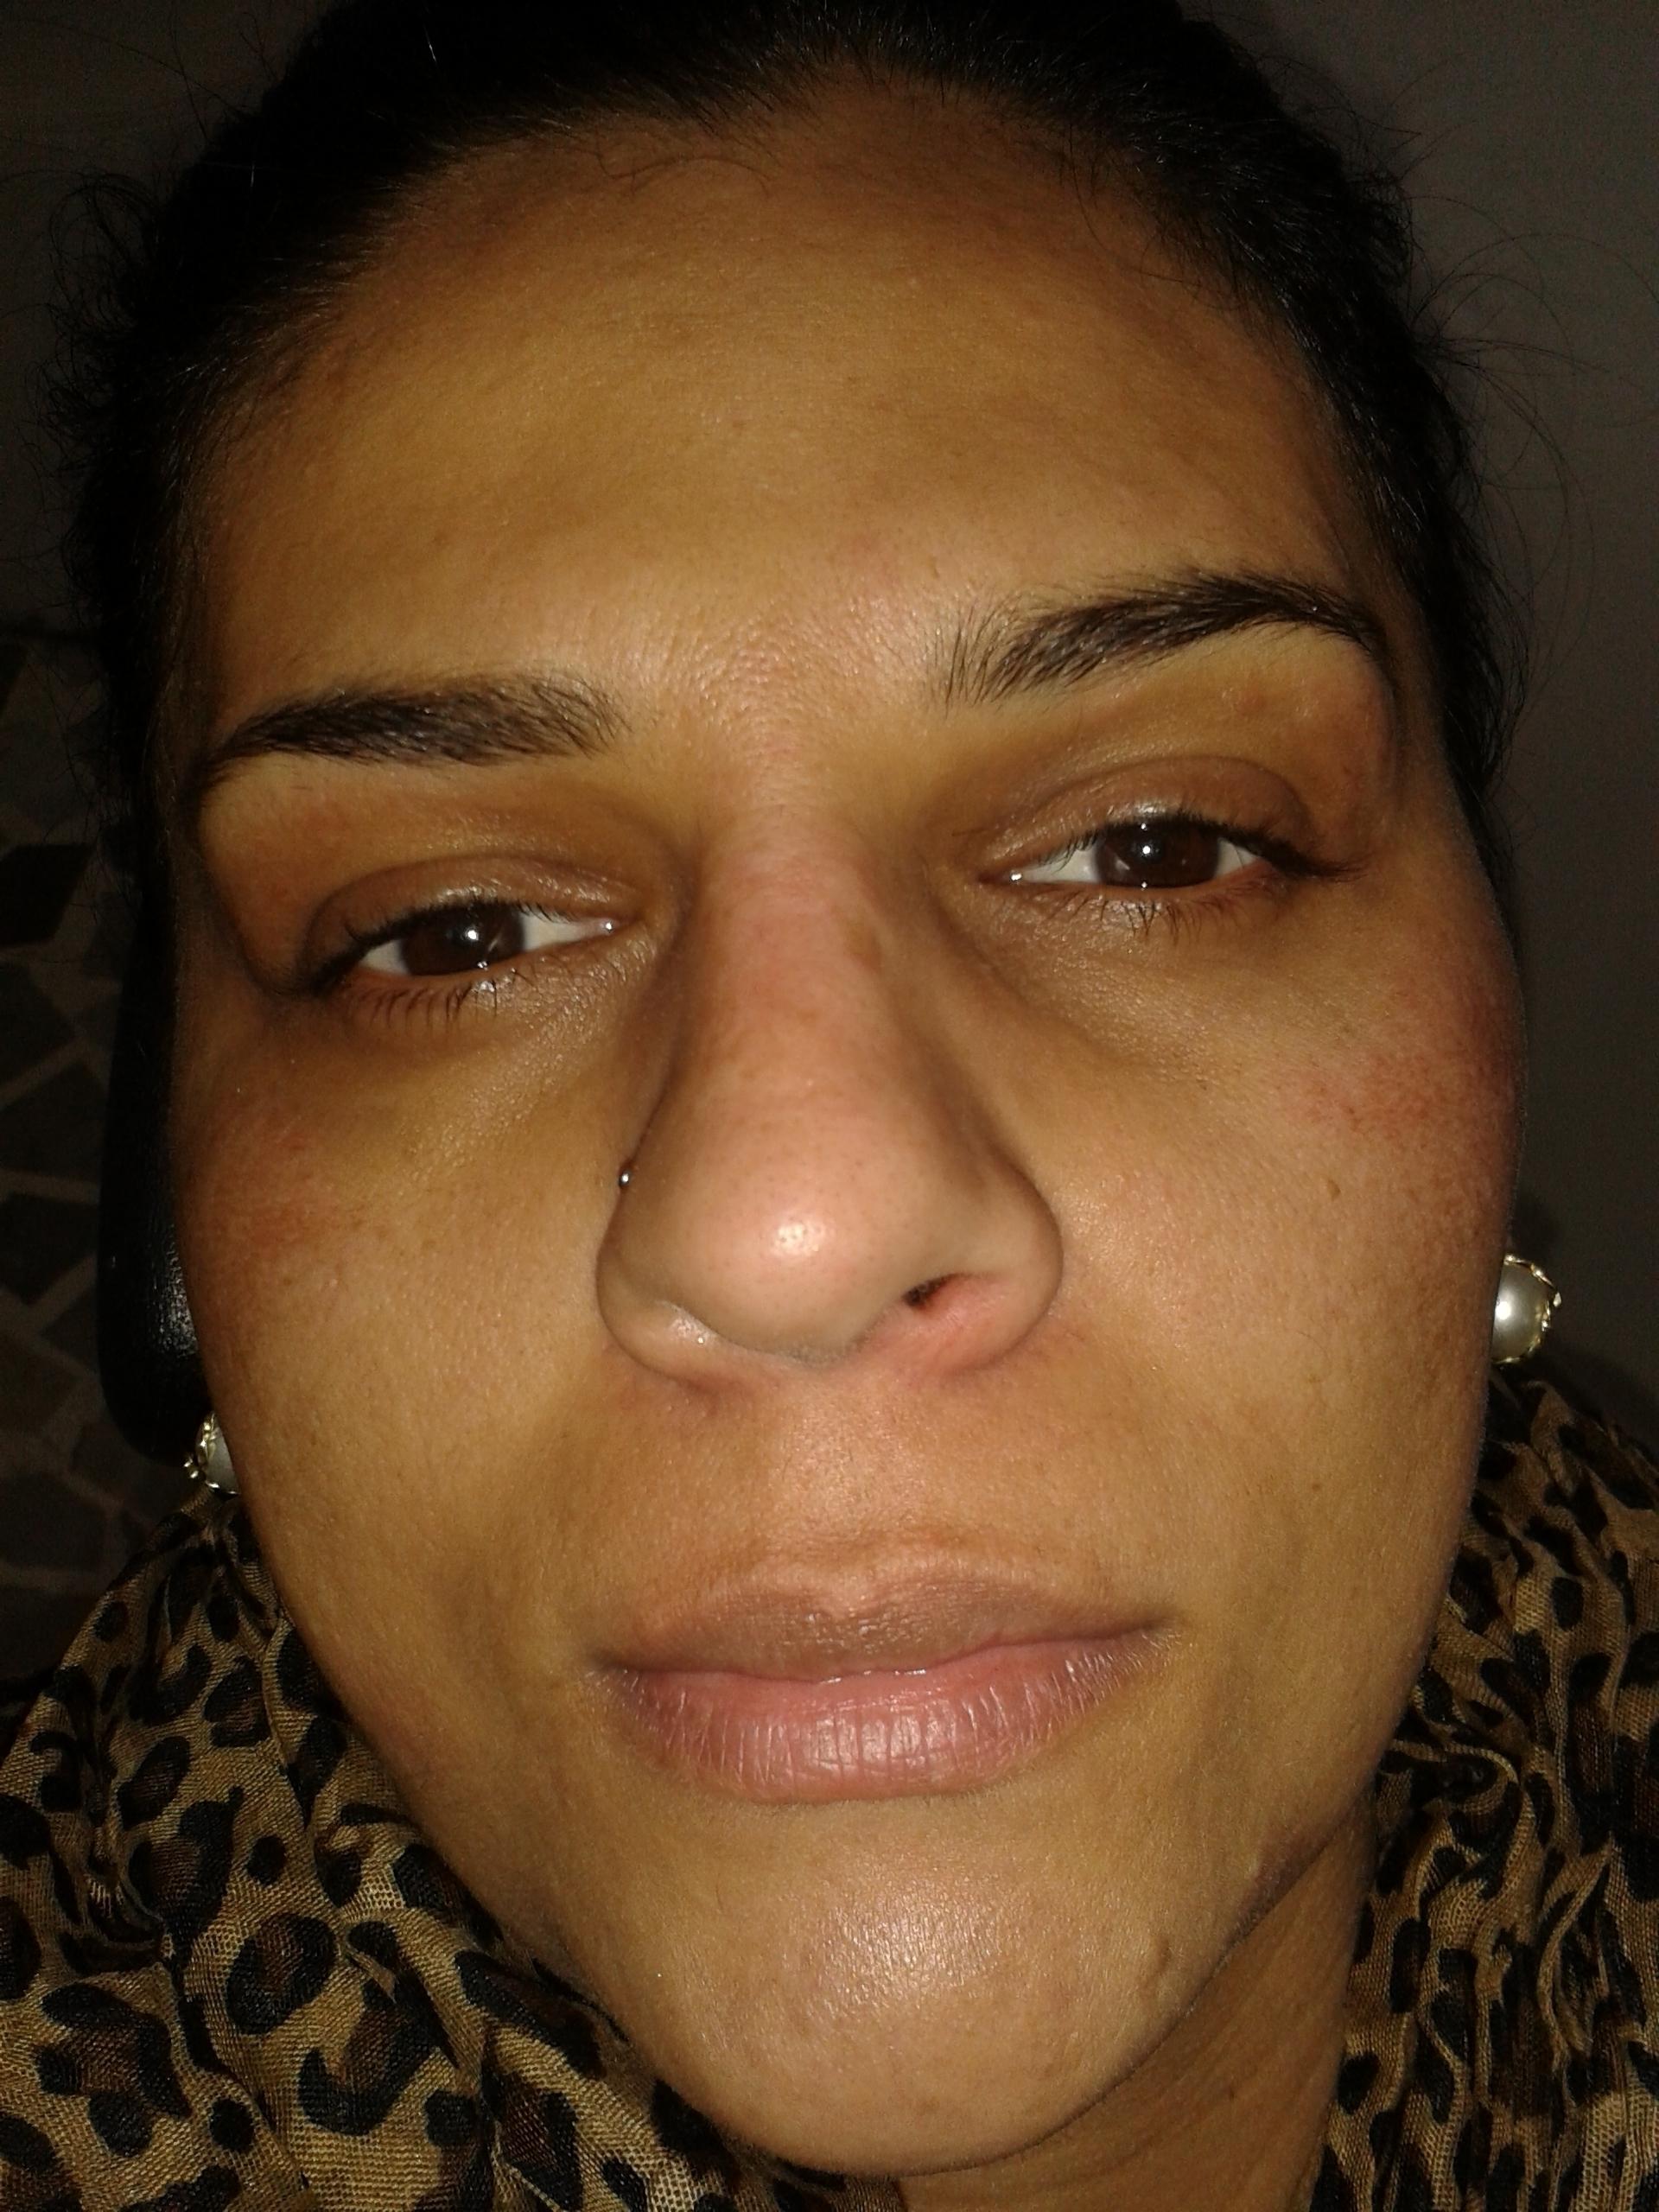 Make-up //Antes ANTES make-up e designer de sobrancelha cabeleireiro(a) barbeiro(a) maquiador(a) designer de sobrancelhas depilador(a)